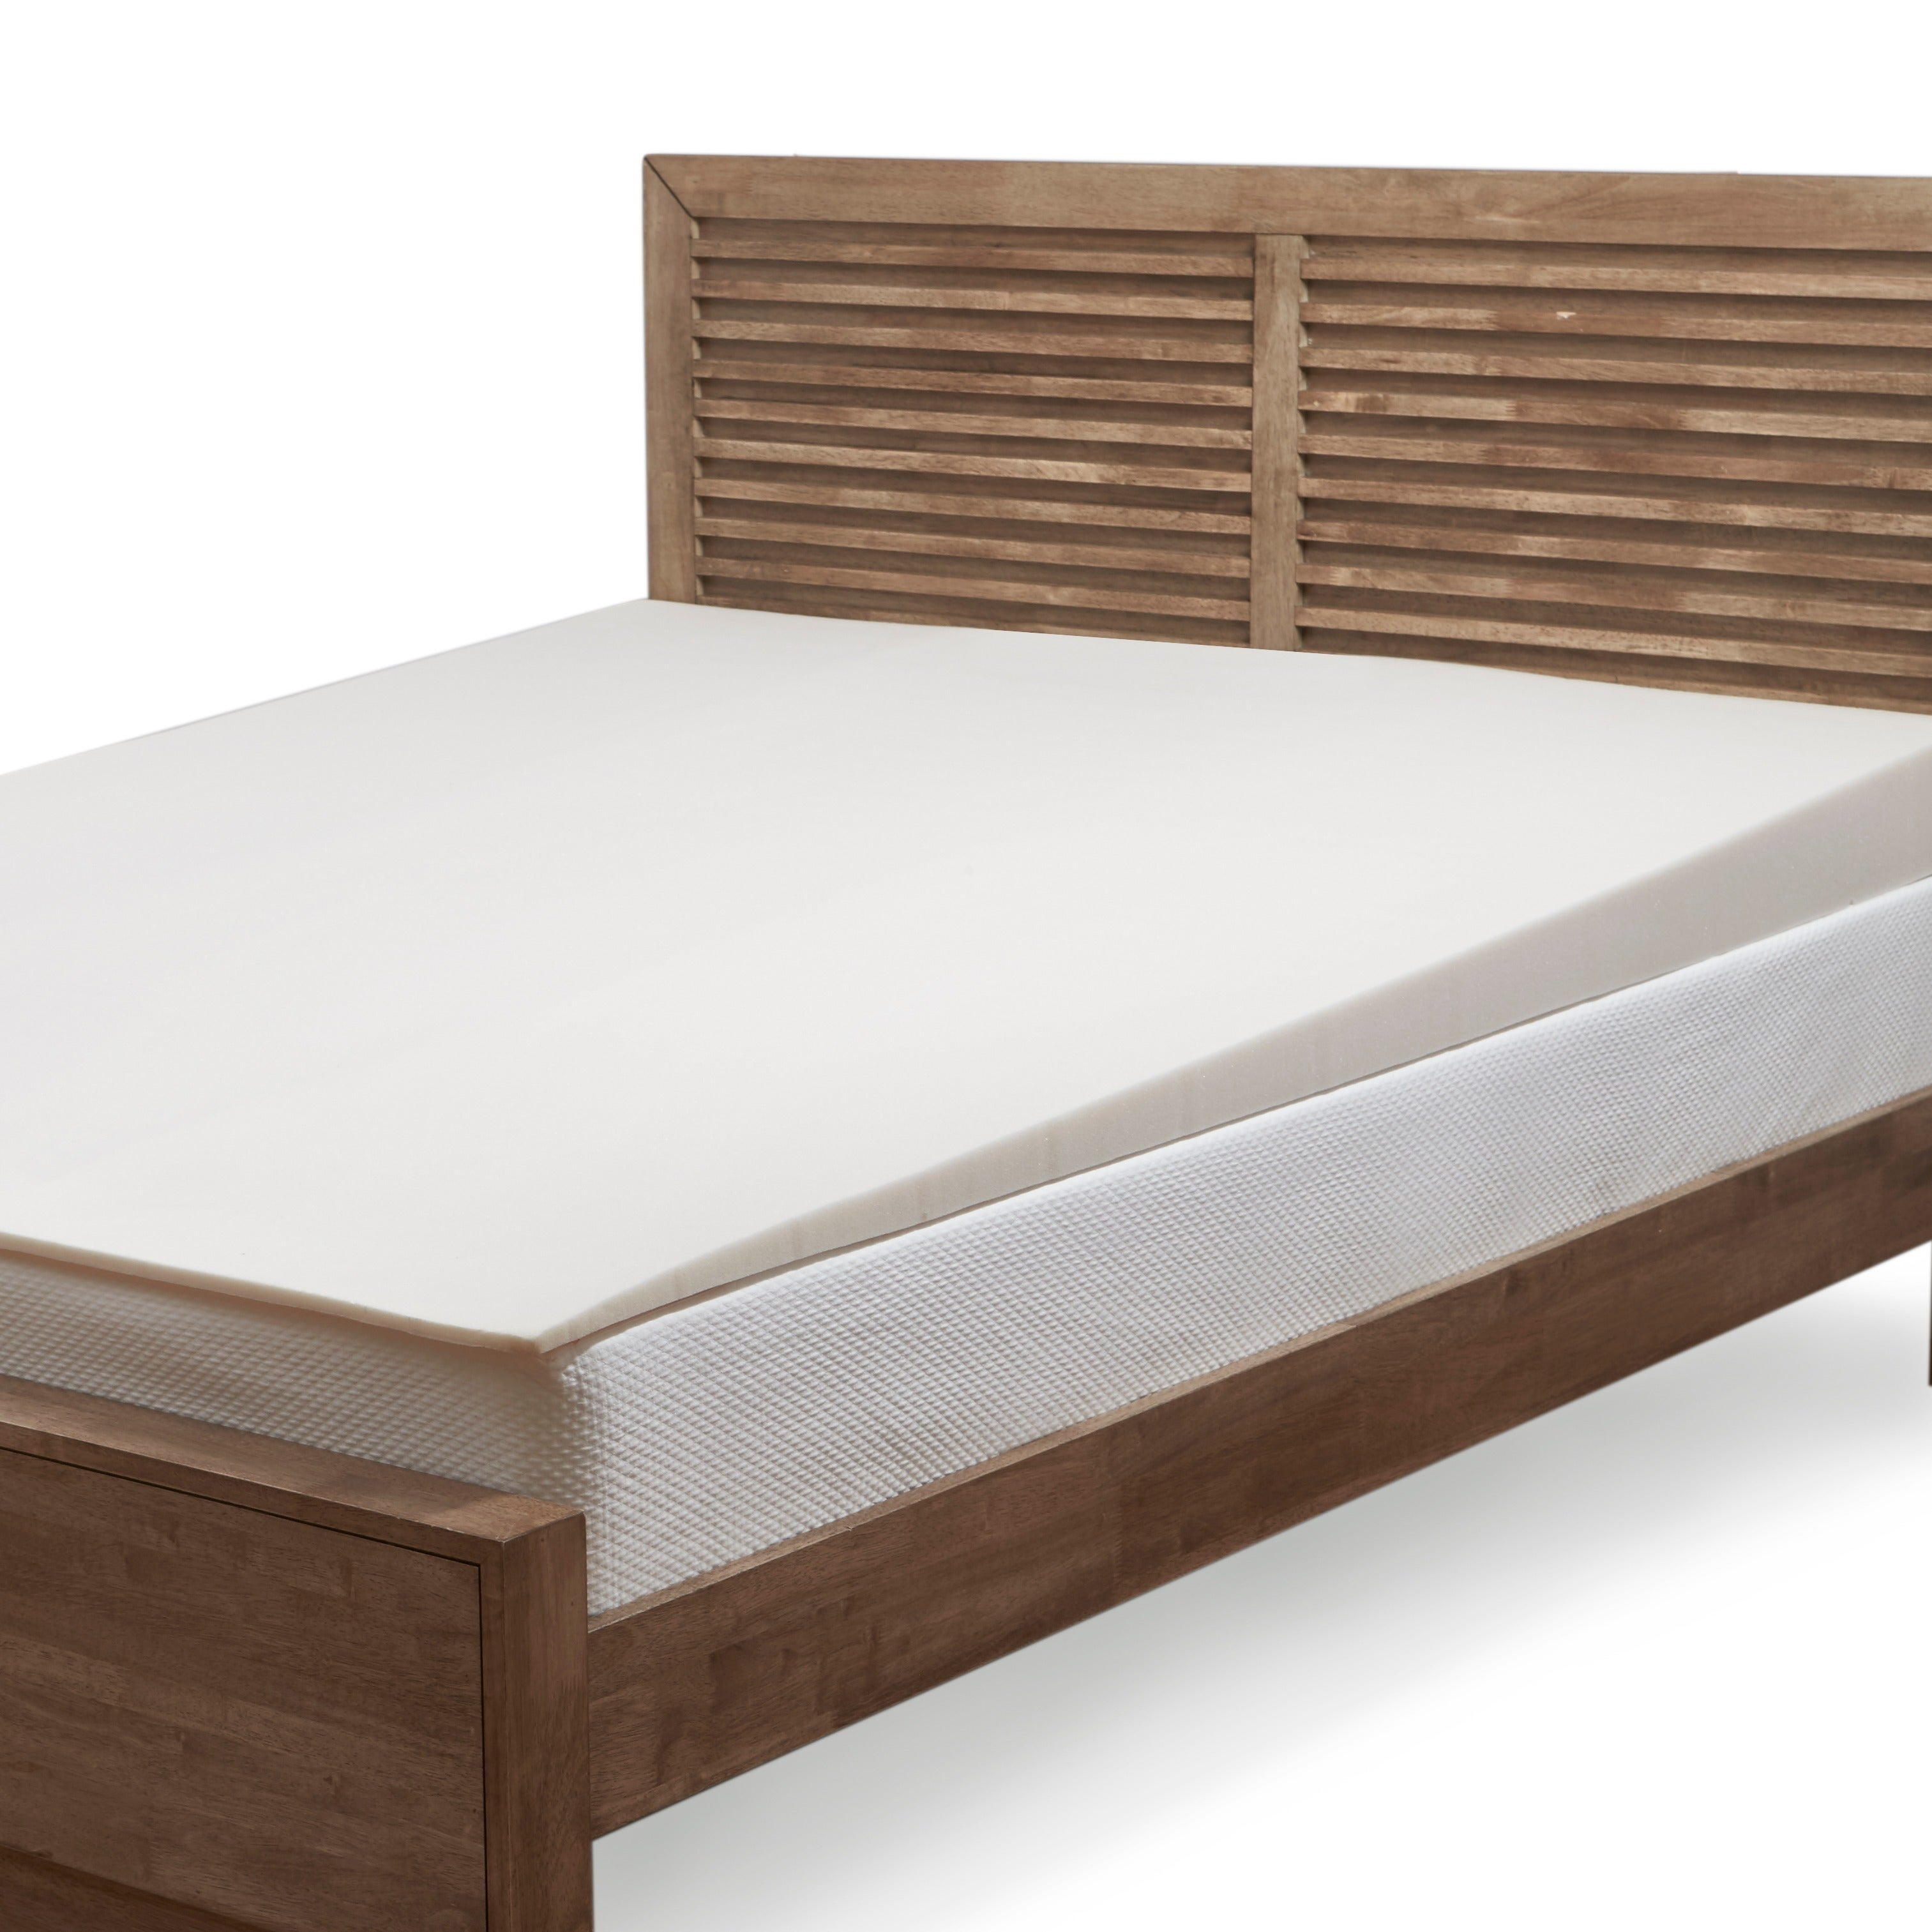 beautyrest mattress. Beautyrest Mattress Elevator - Free Shipping Today Overstock 14154393